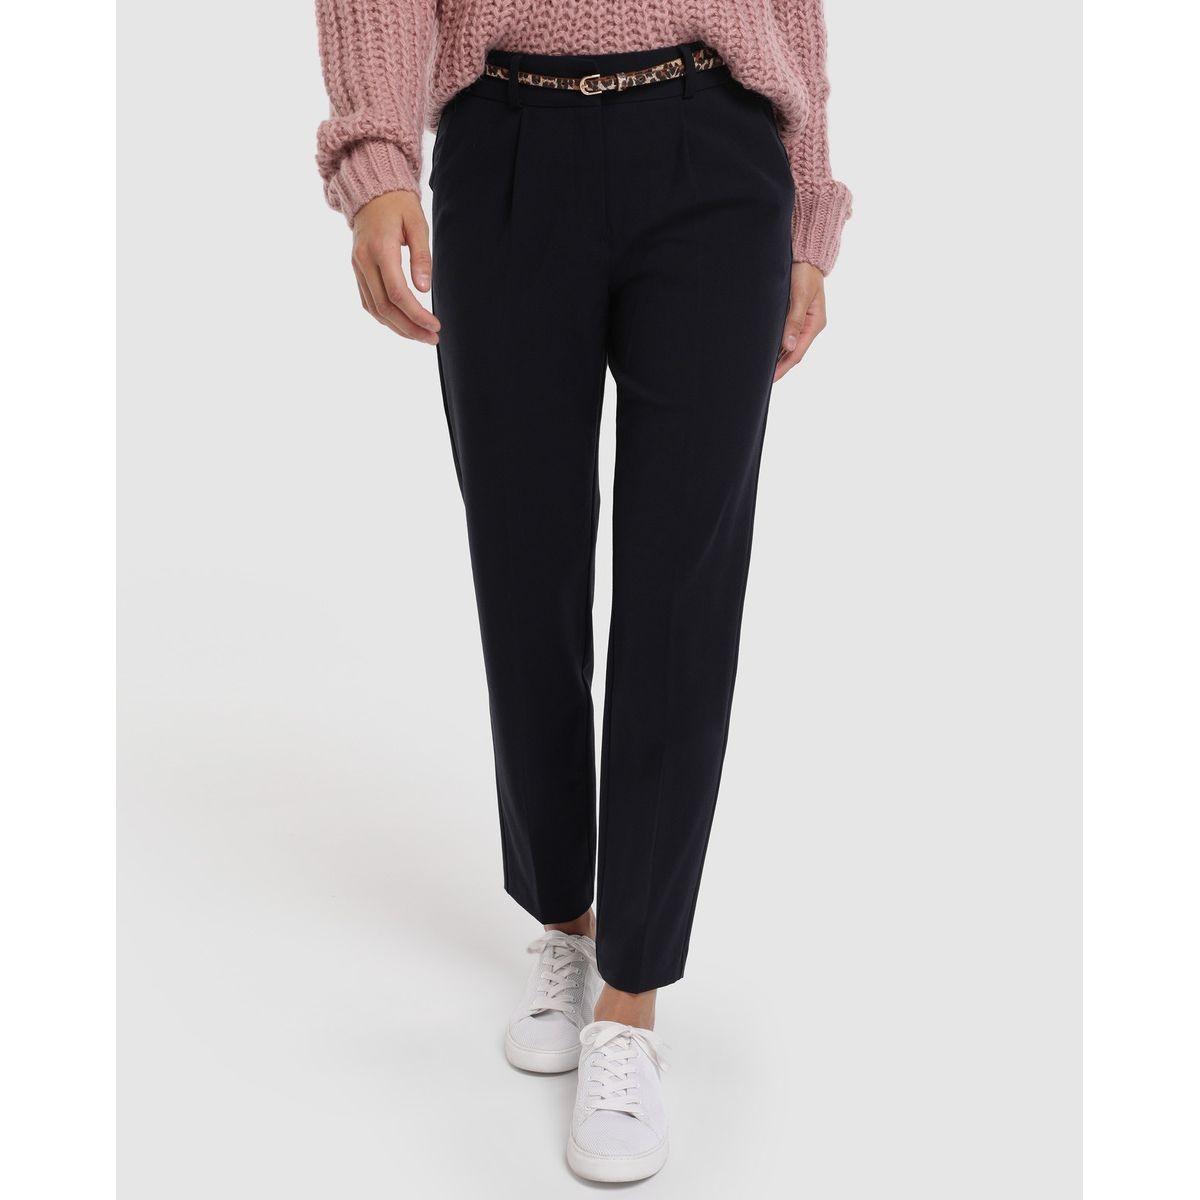 Pantalon fluide  basic avec ceinture